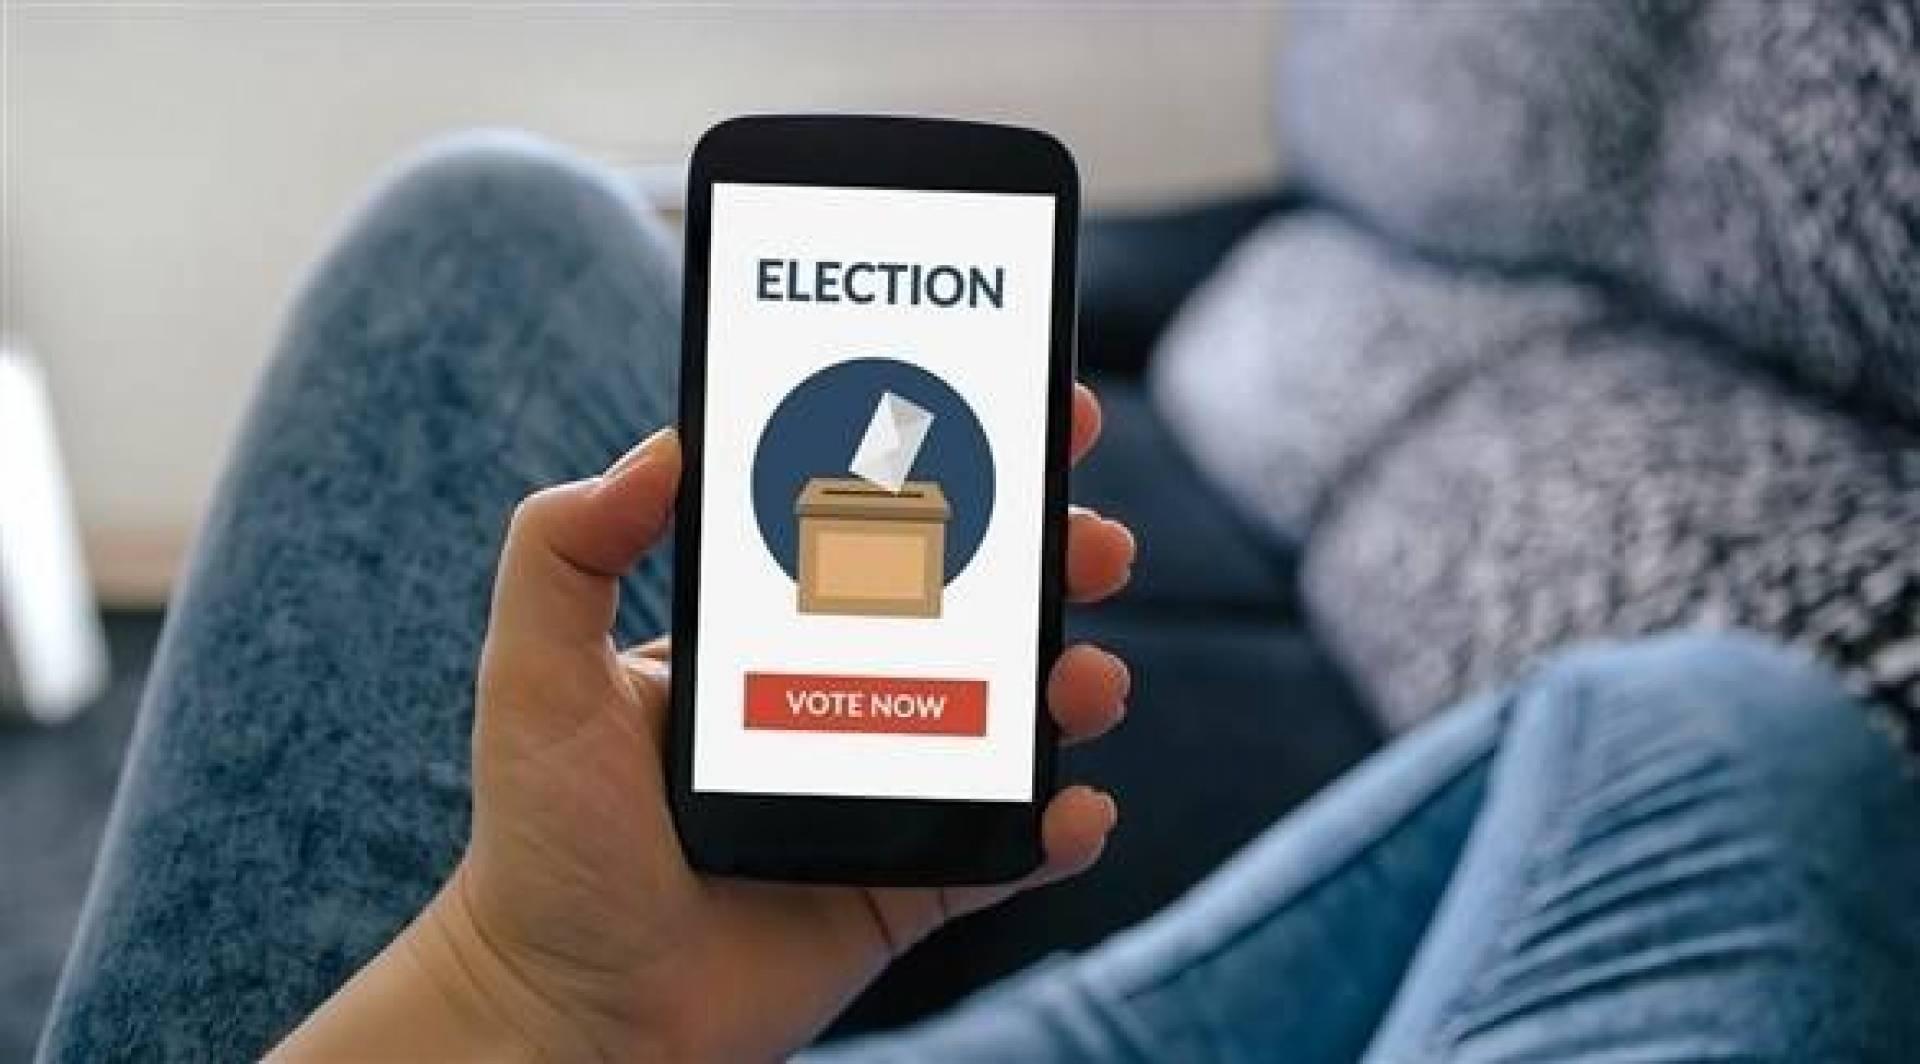 التصويت بواسطة الهواتف الذكية أشبه بمجازفة في الولايات المتحدة